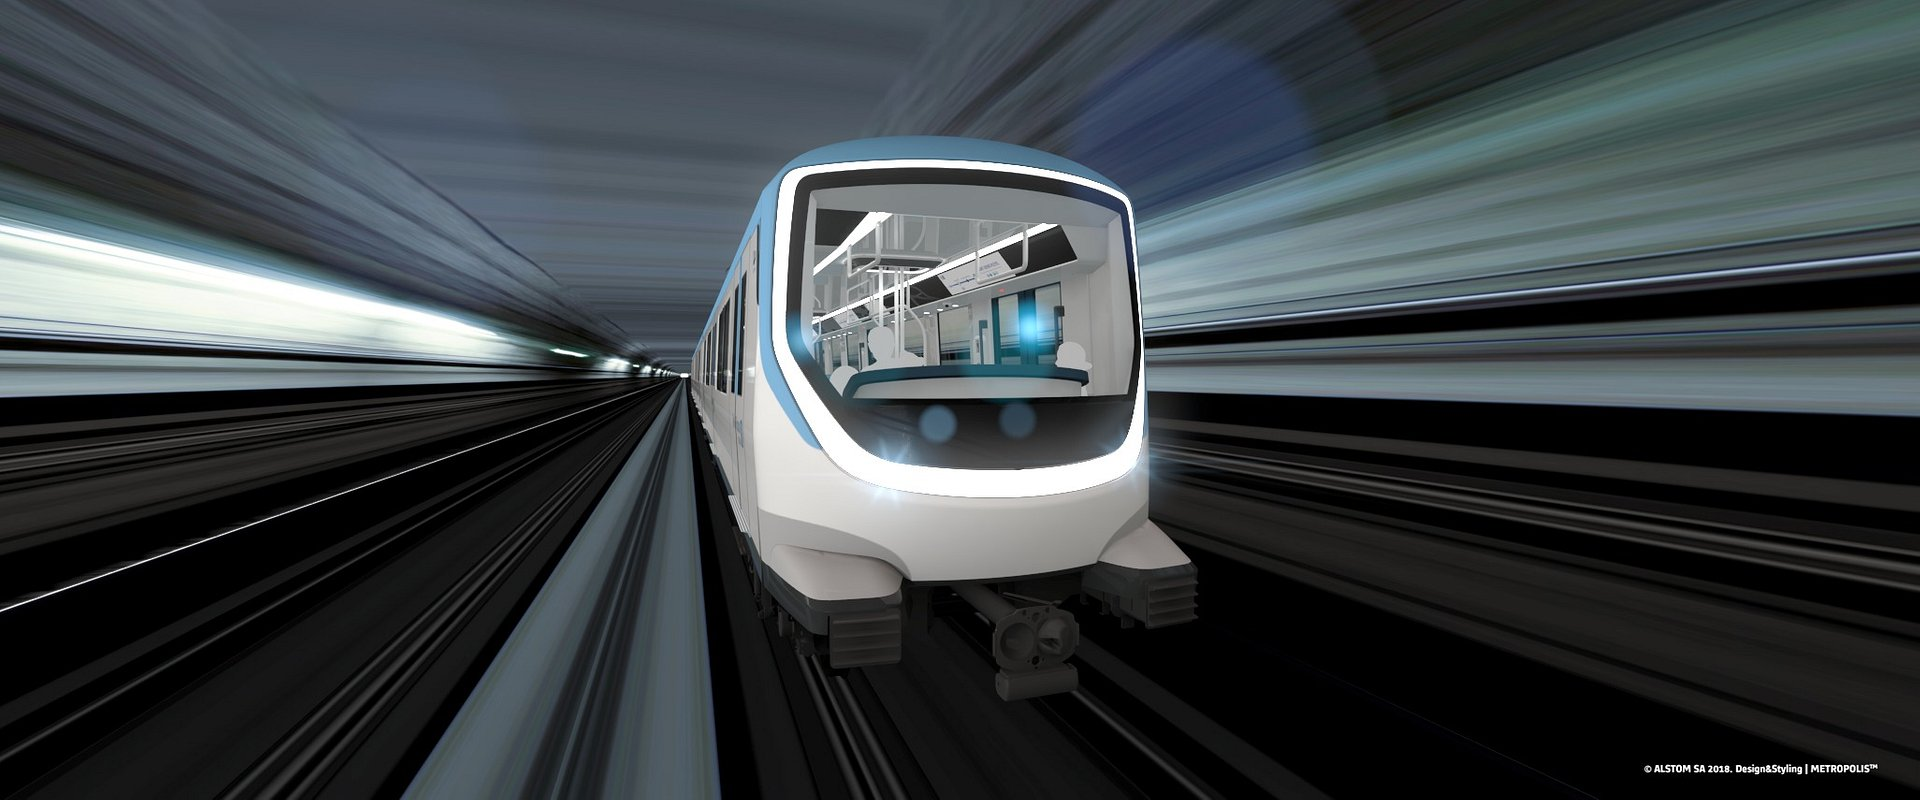 Alstom otrzymał zamówienie na dostawę 23 dodatkowych pociągów metra dla Île-de-France